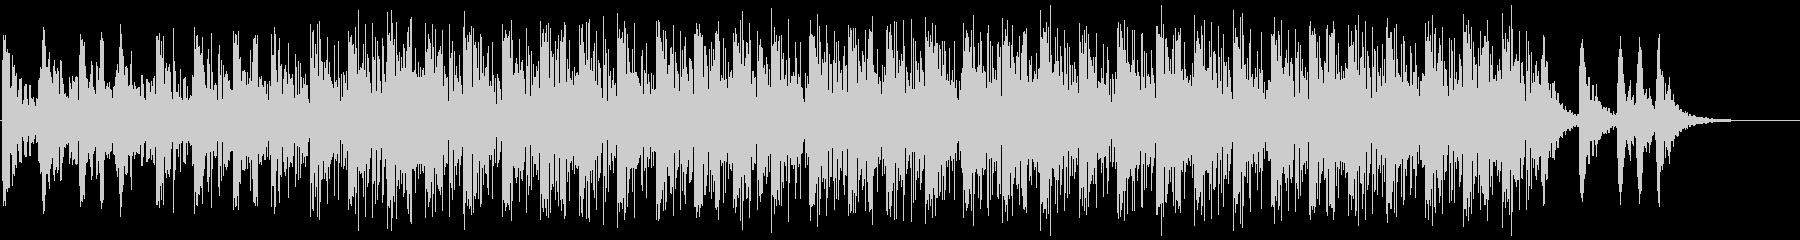 サイエンス系BGM(WAVファイル版)の未再生の波形